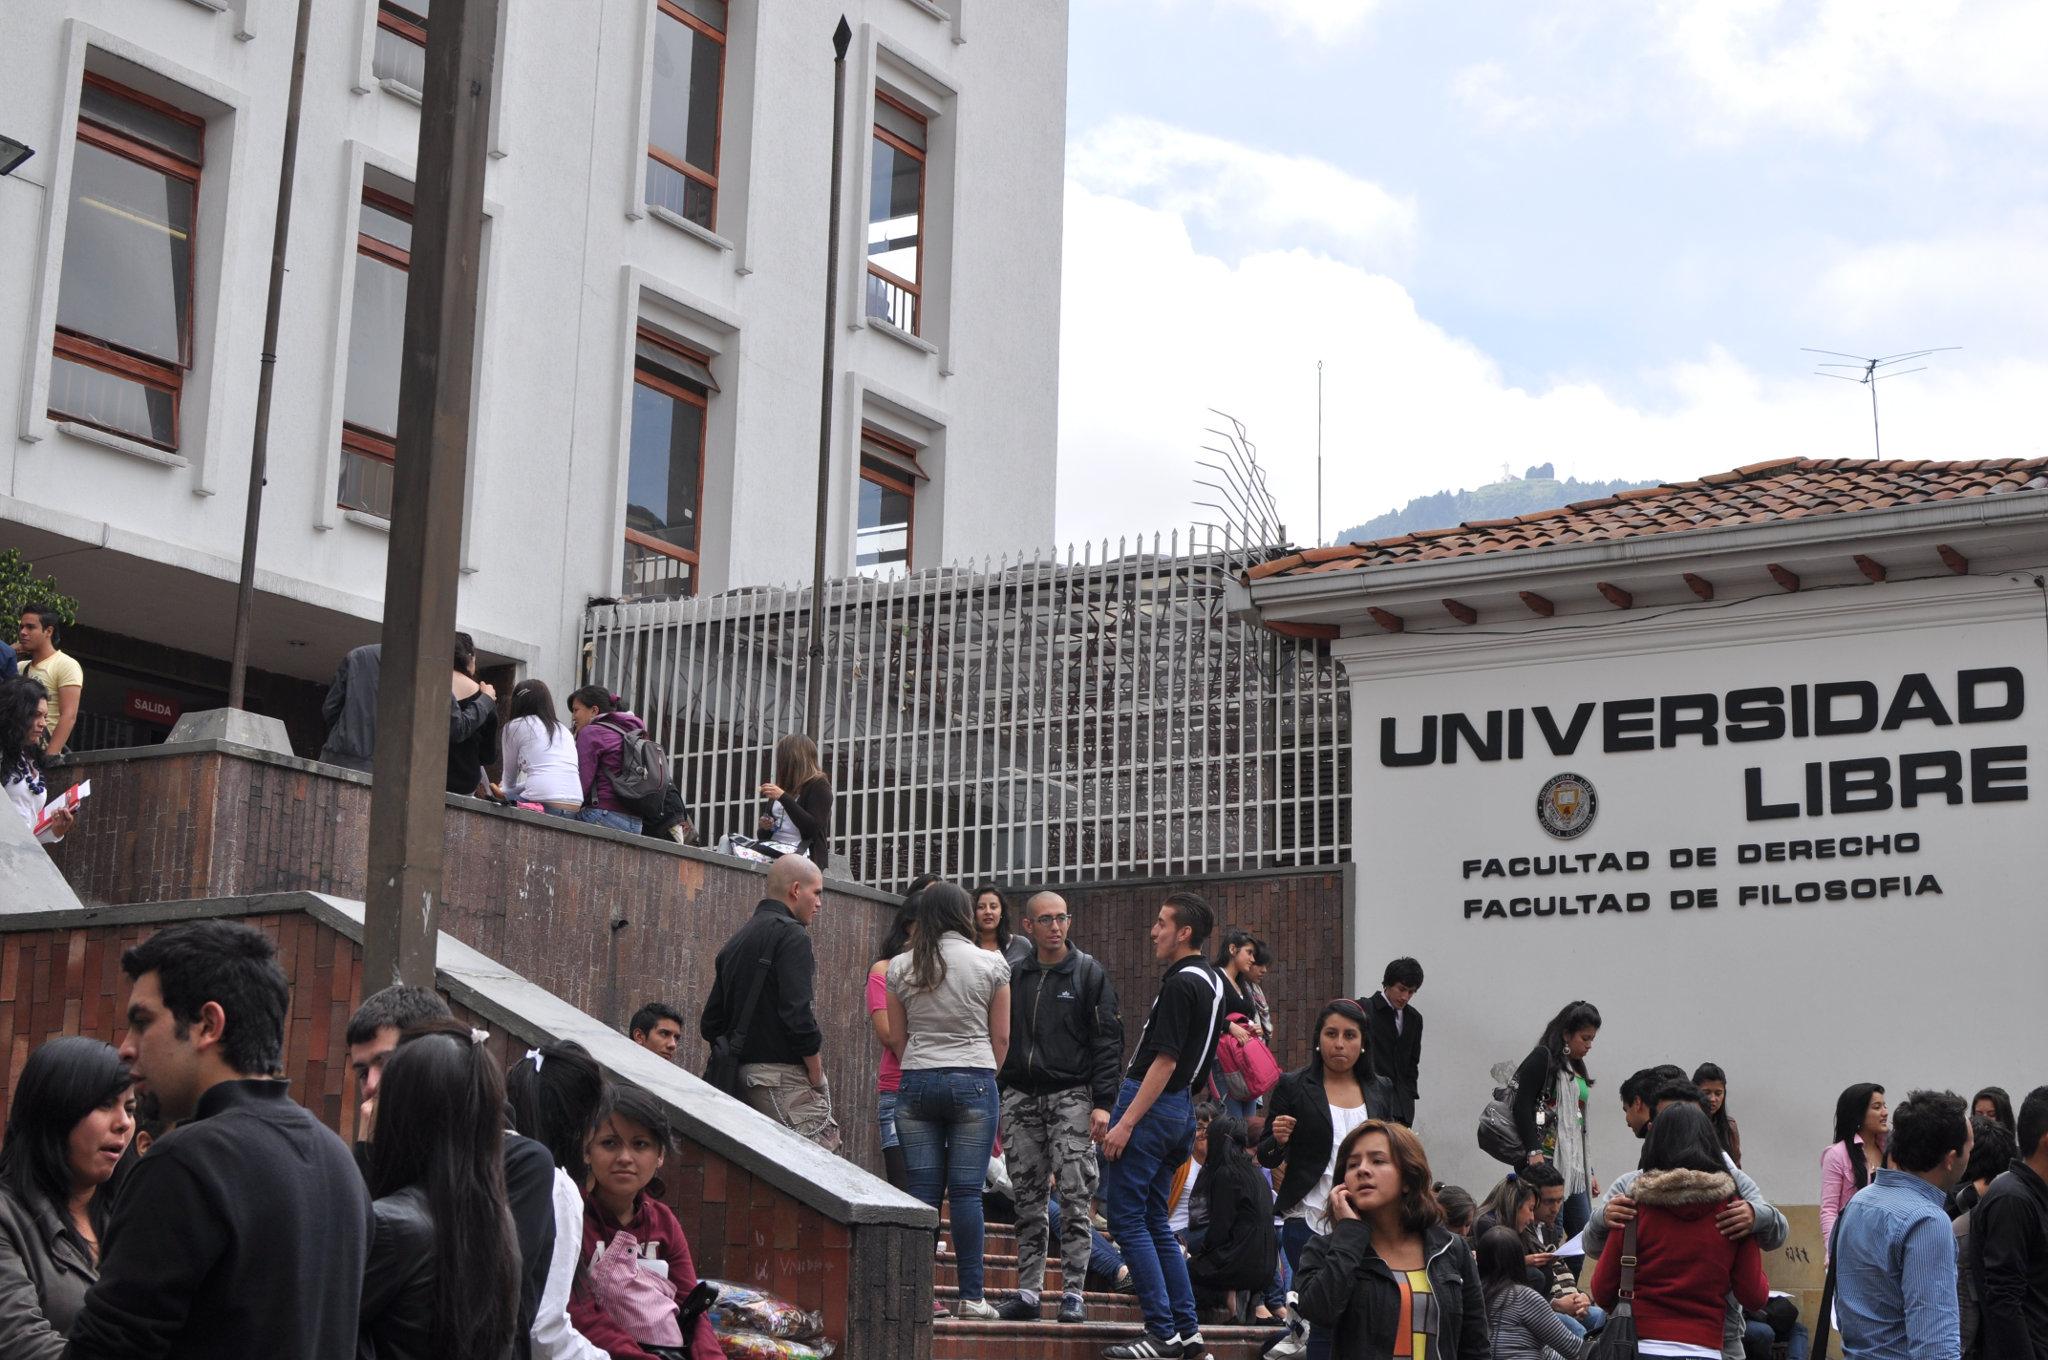 Libros UN en la X Feria del Libro de la Facultad de Derecho de la Universidad Libre